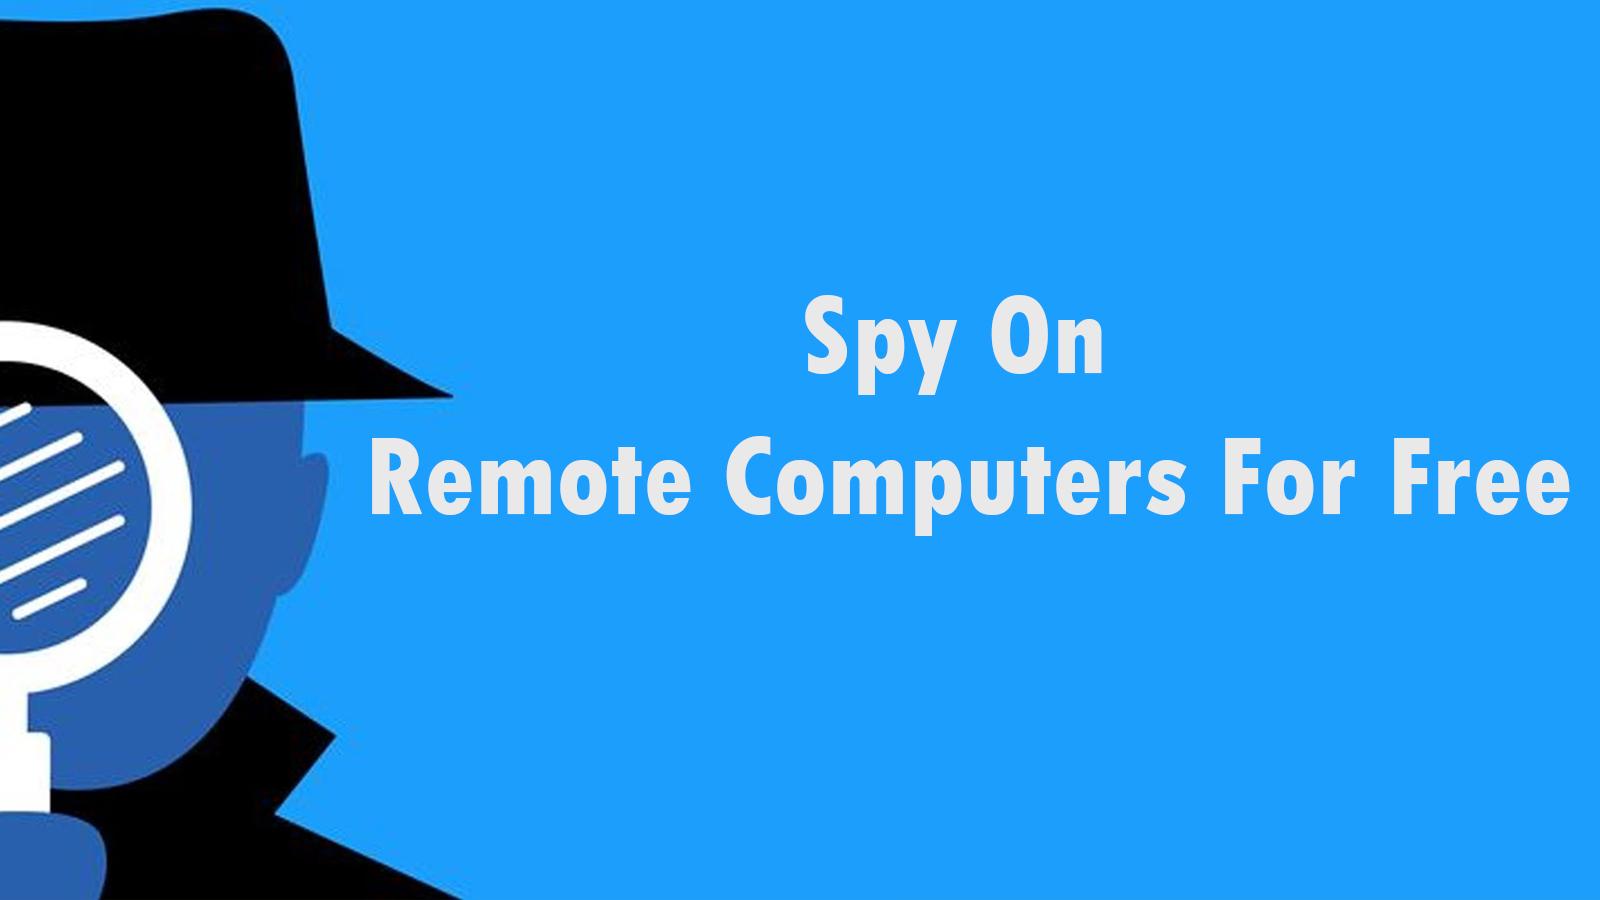 Monitor a Remote Computer